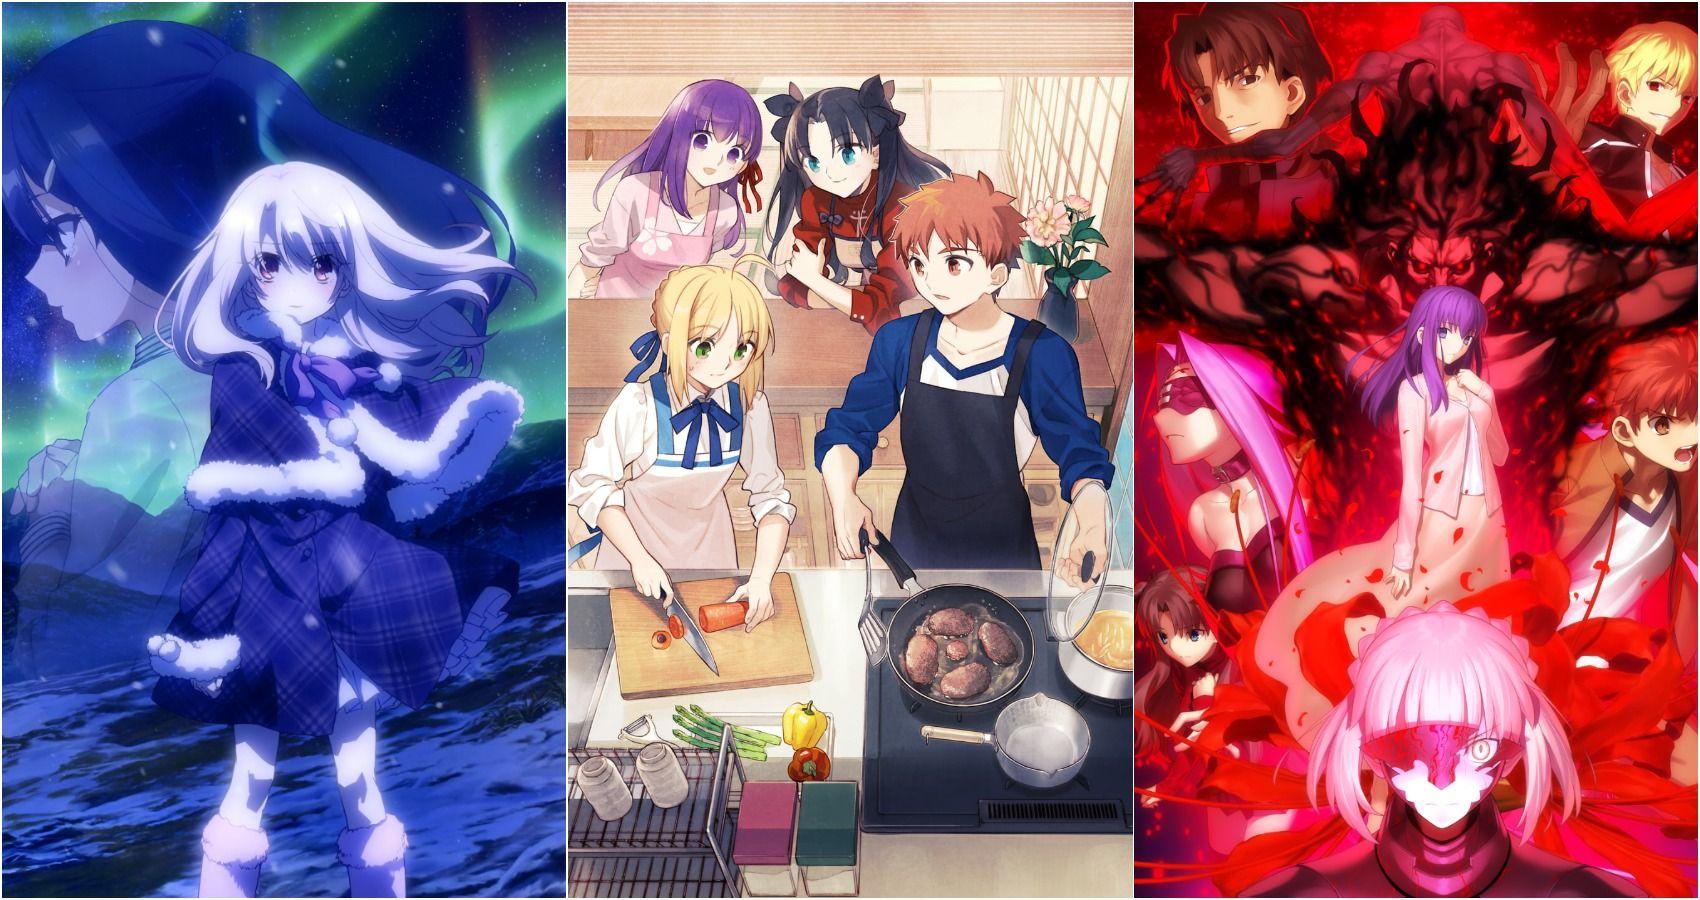 Fate Anime